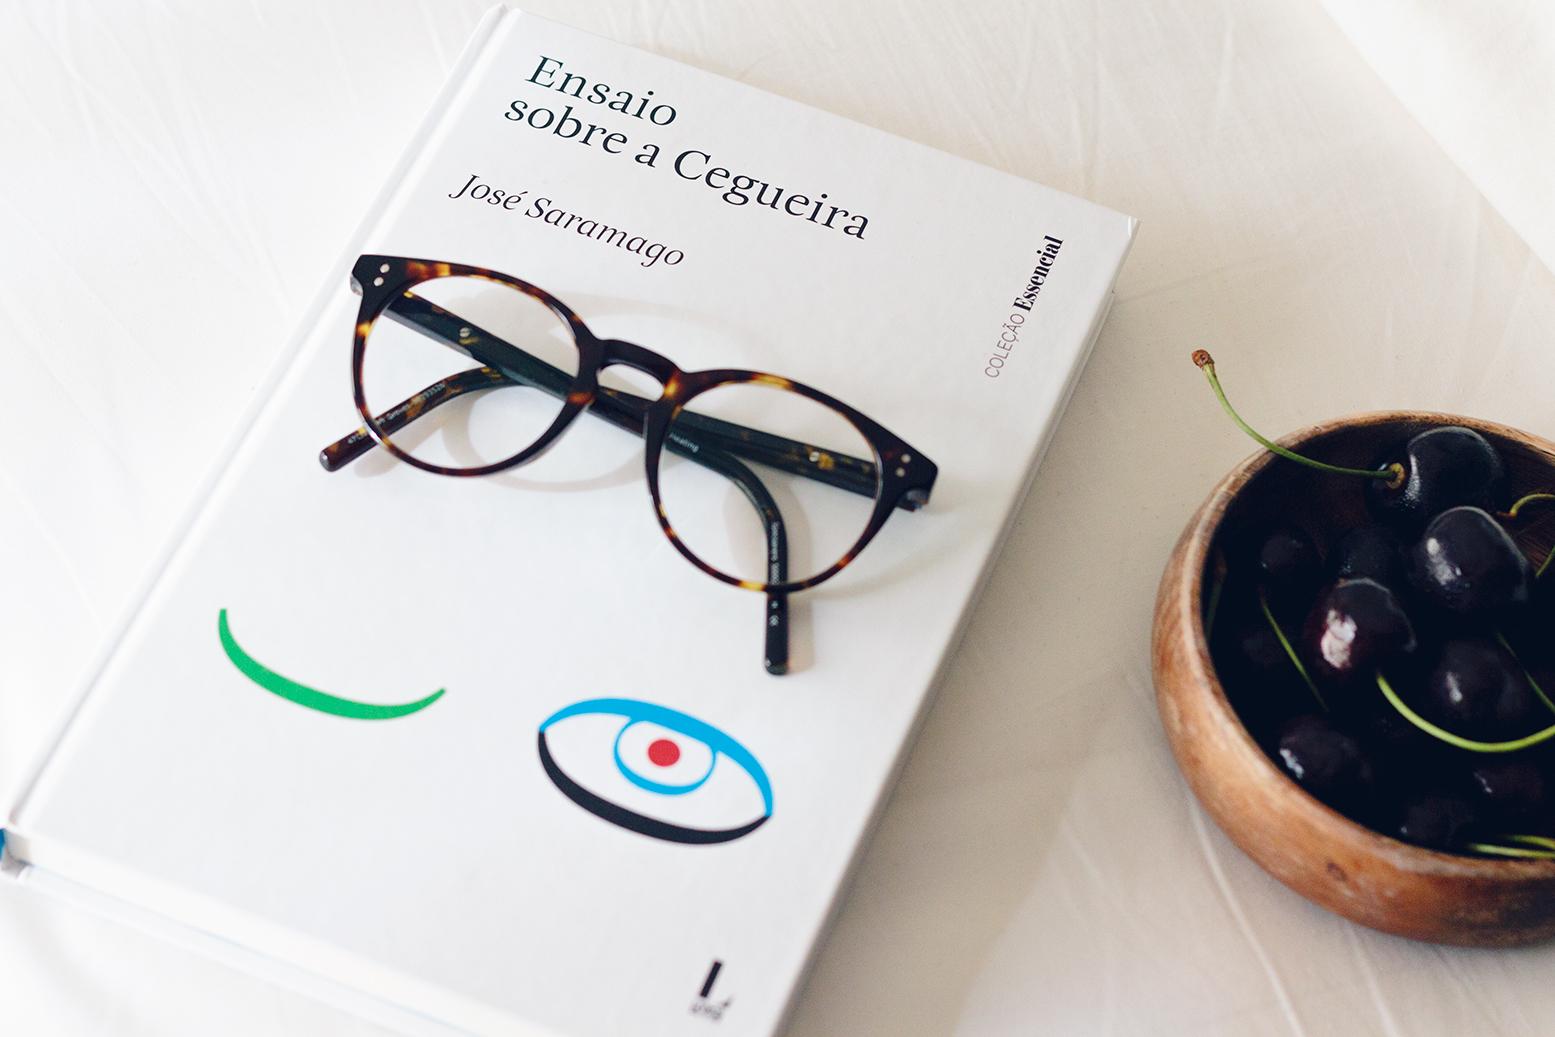 Ensaio sobre a cegueira Jose Saramago